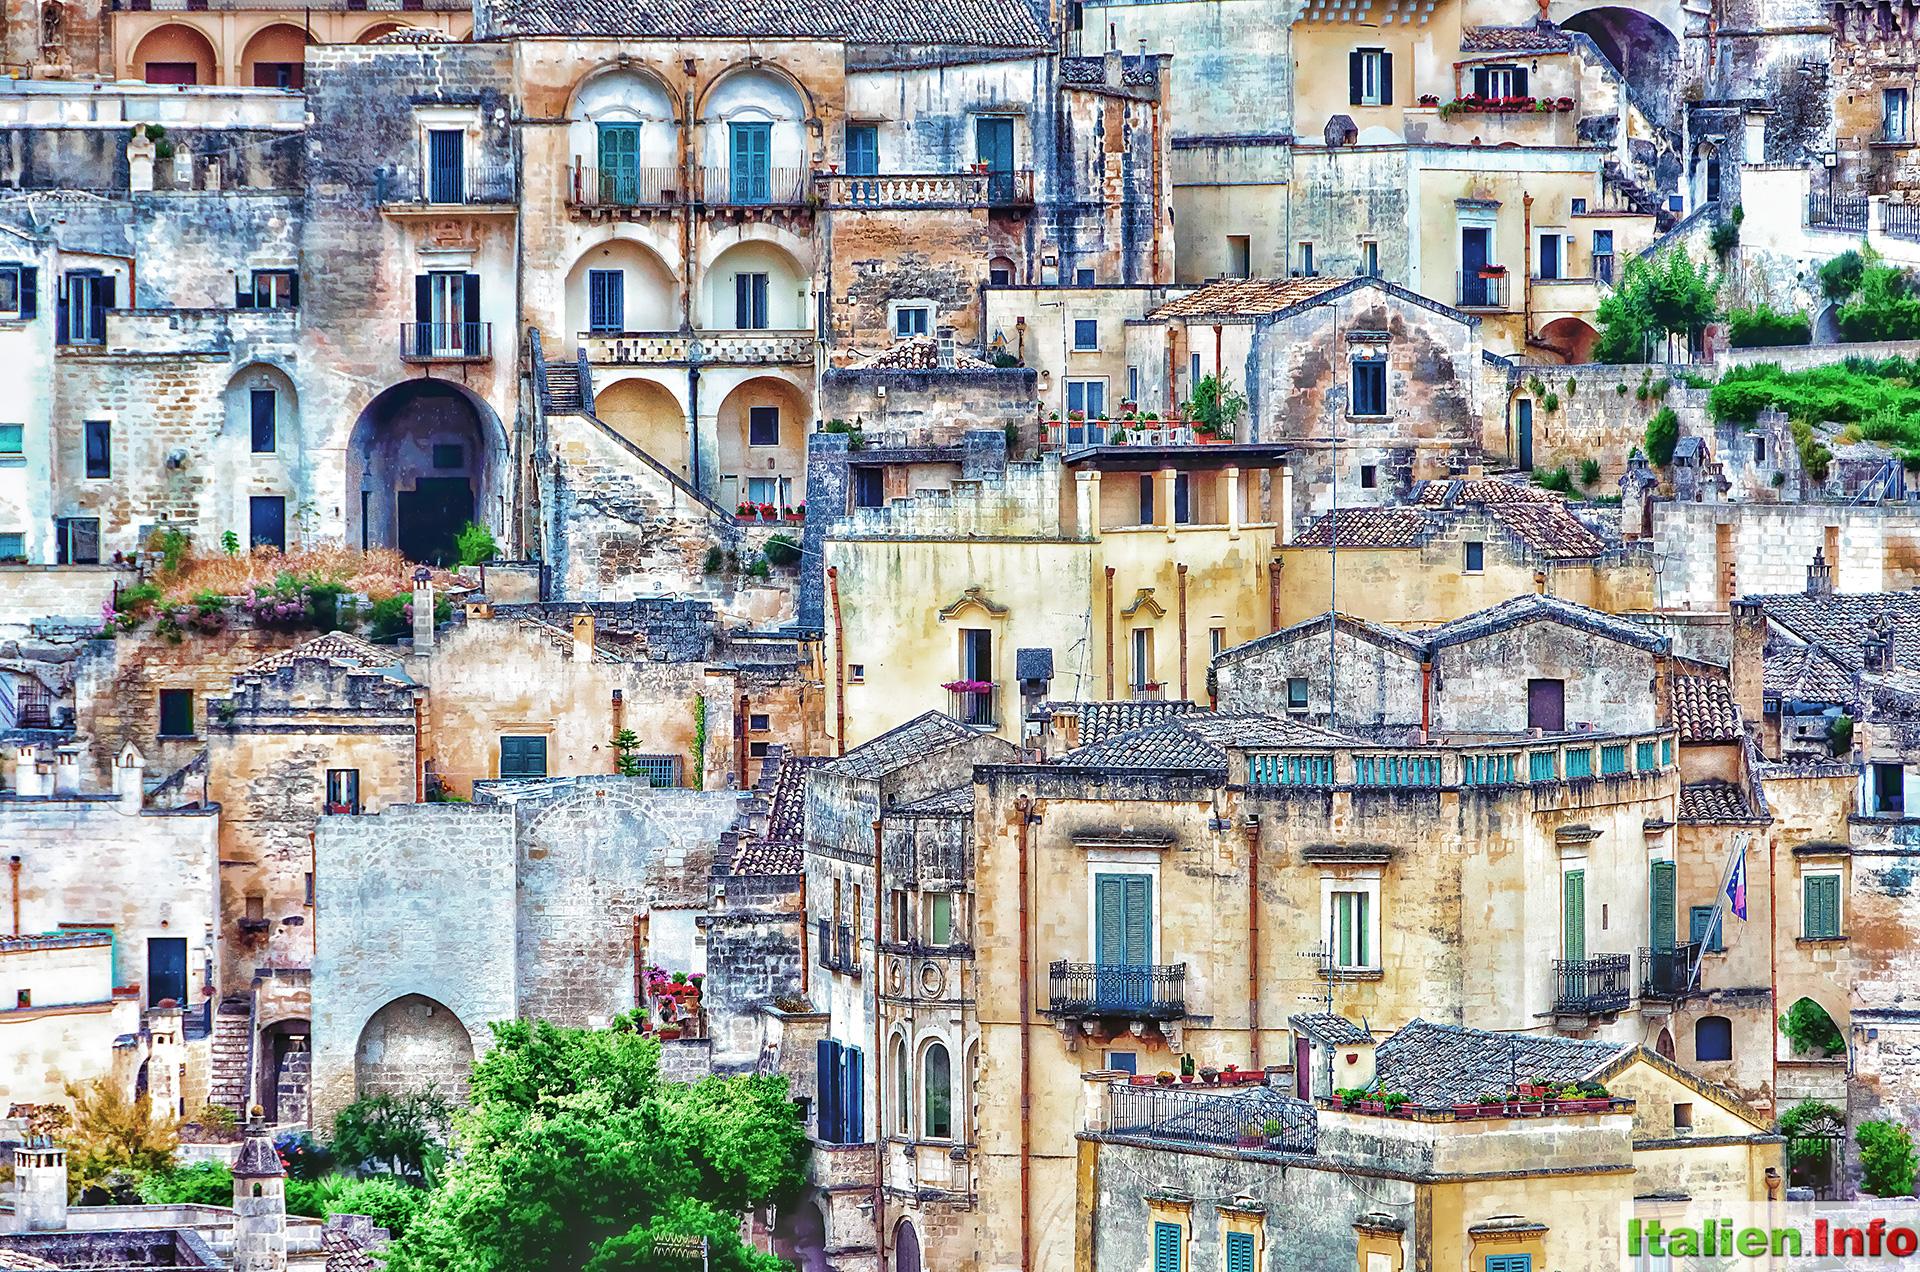 Häuser Italien matera impressionen fotos und bilder italien info